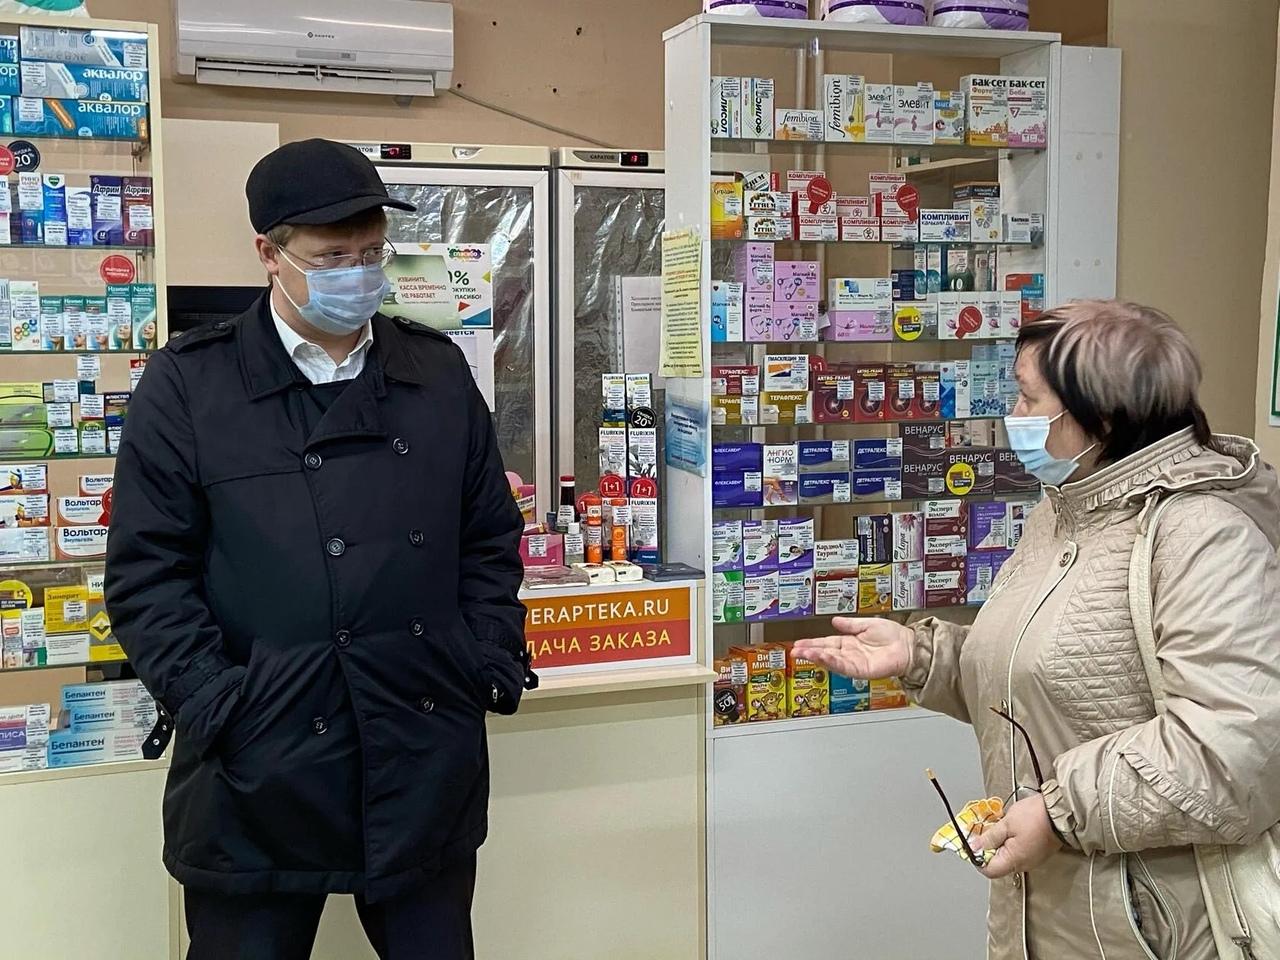 Глава Петровского района проверил наличие лекарств повышенного спроса в аптеках города